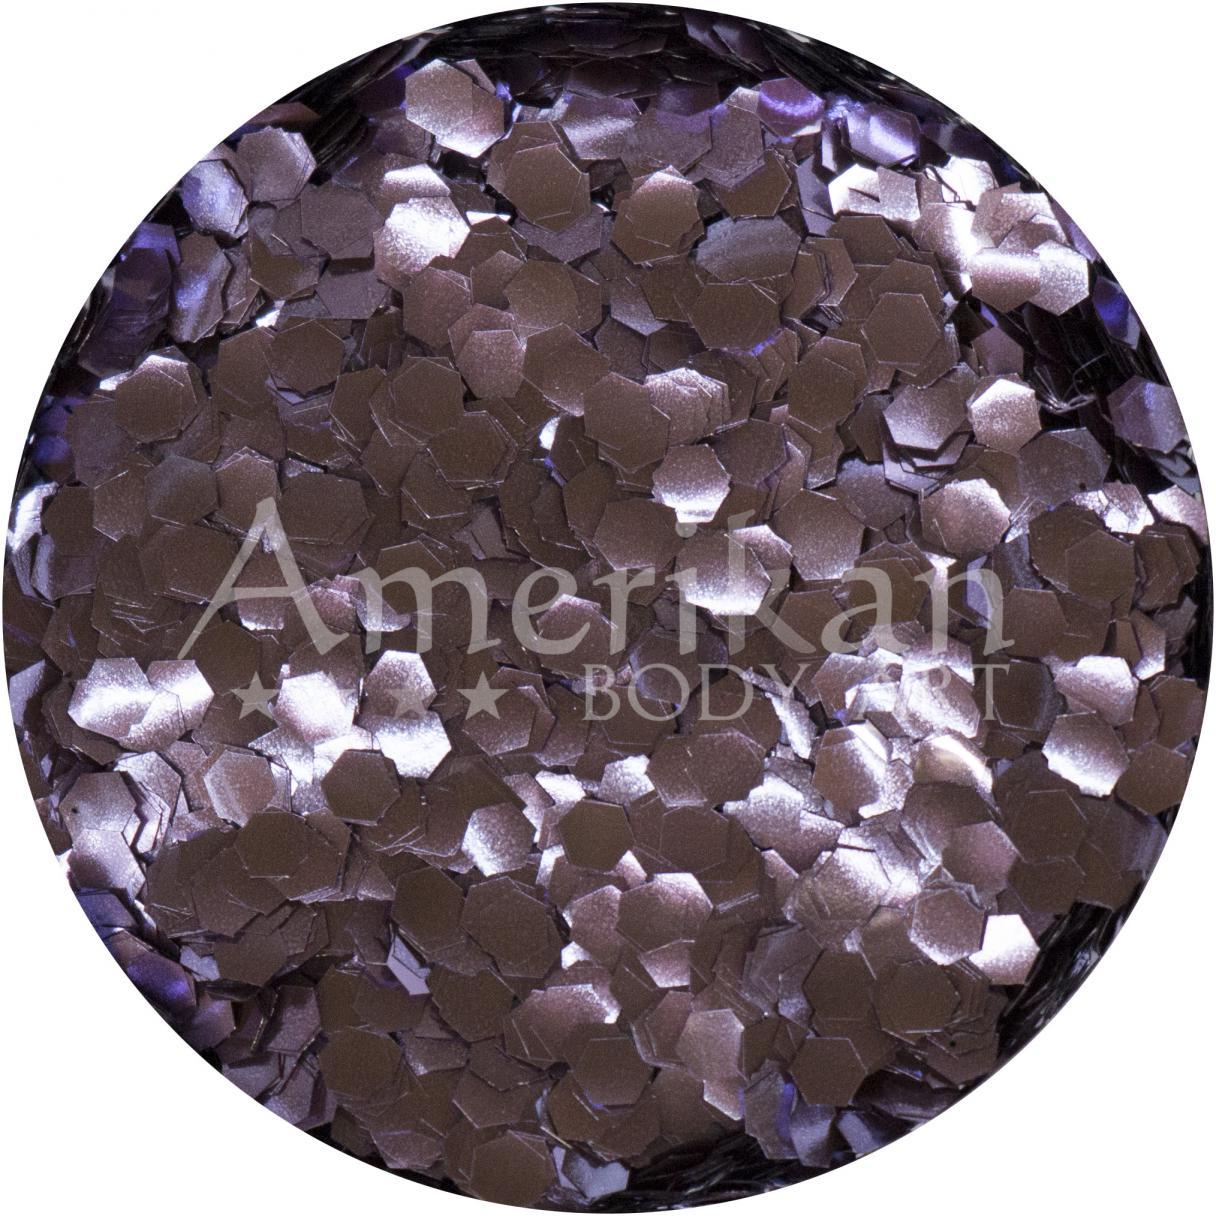 Violet Ocean-Safe Biodegradable Glitter (0.094